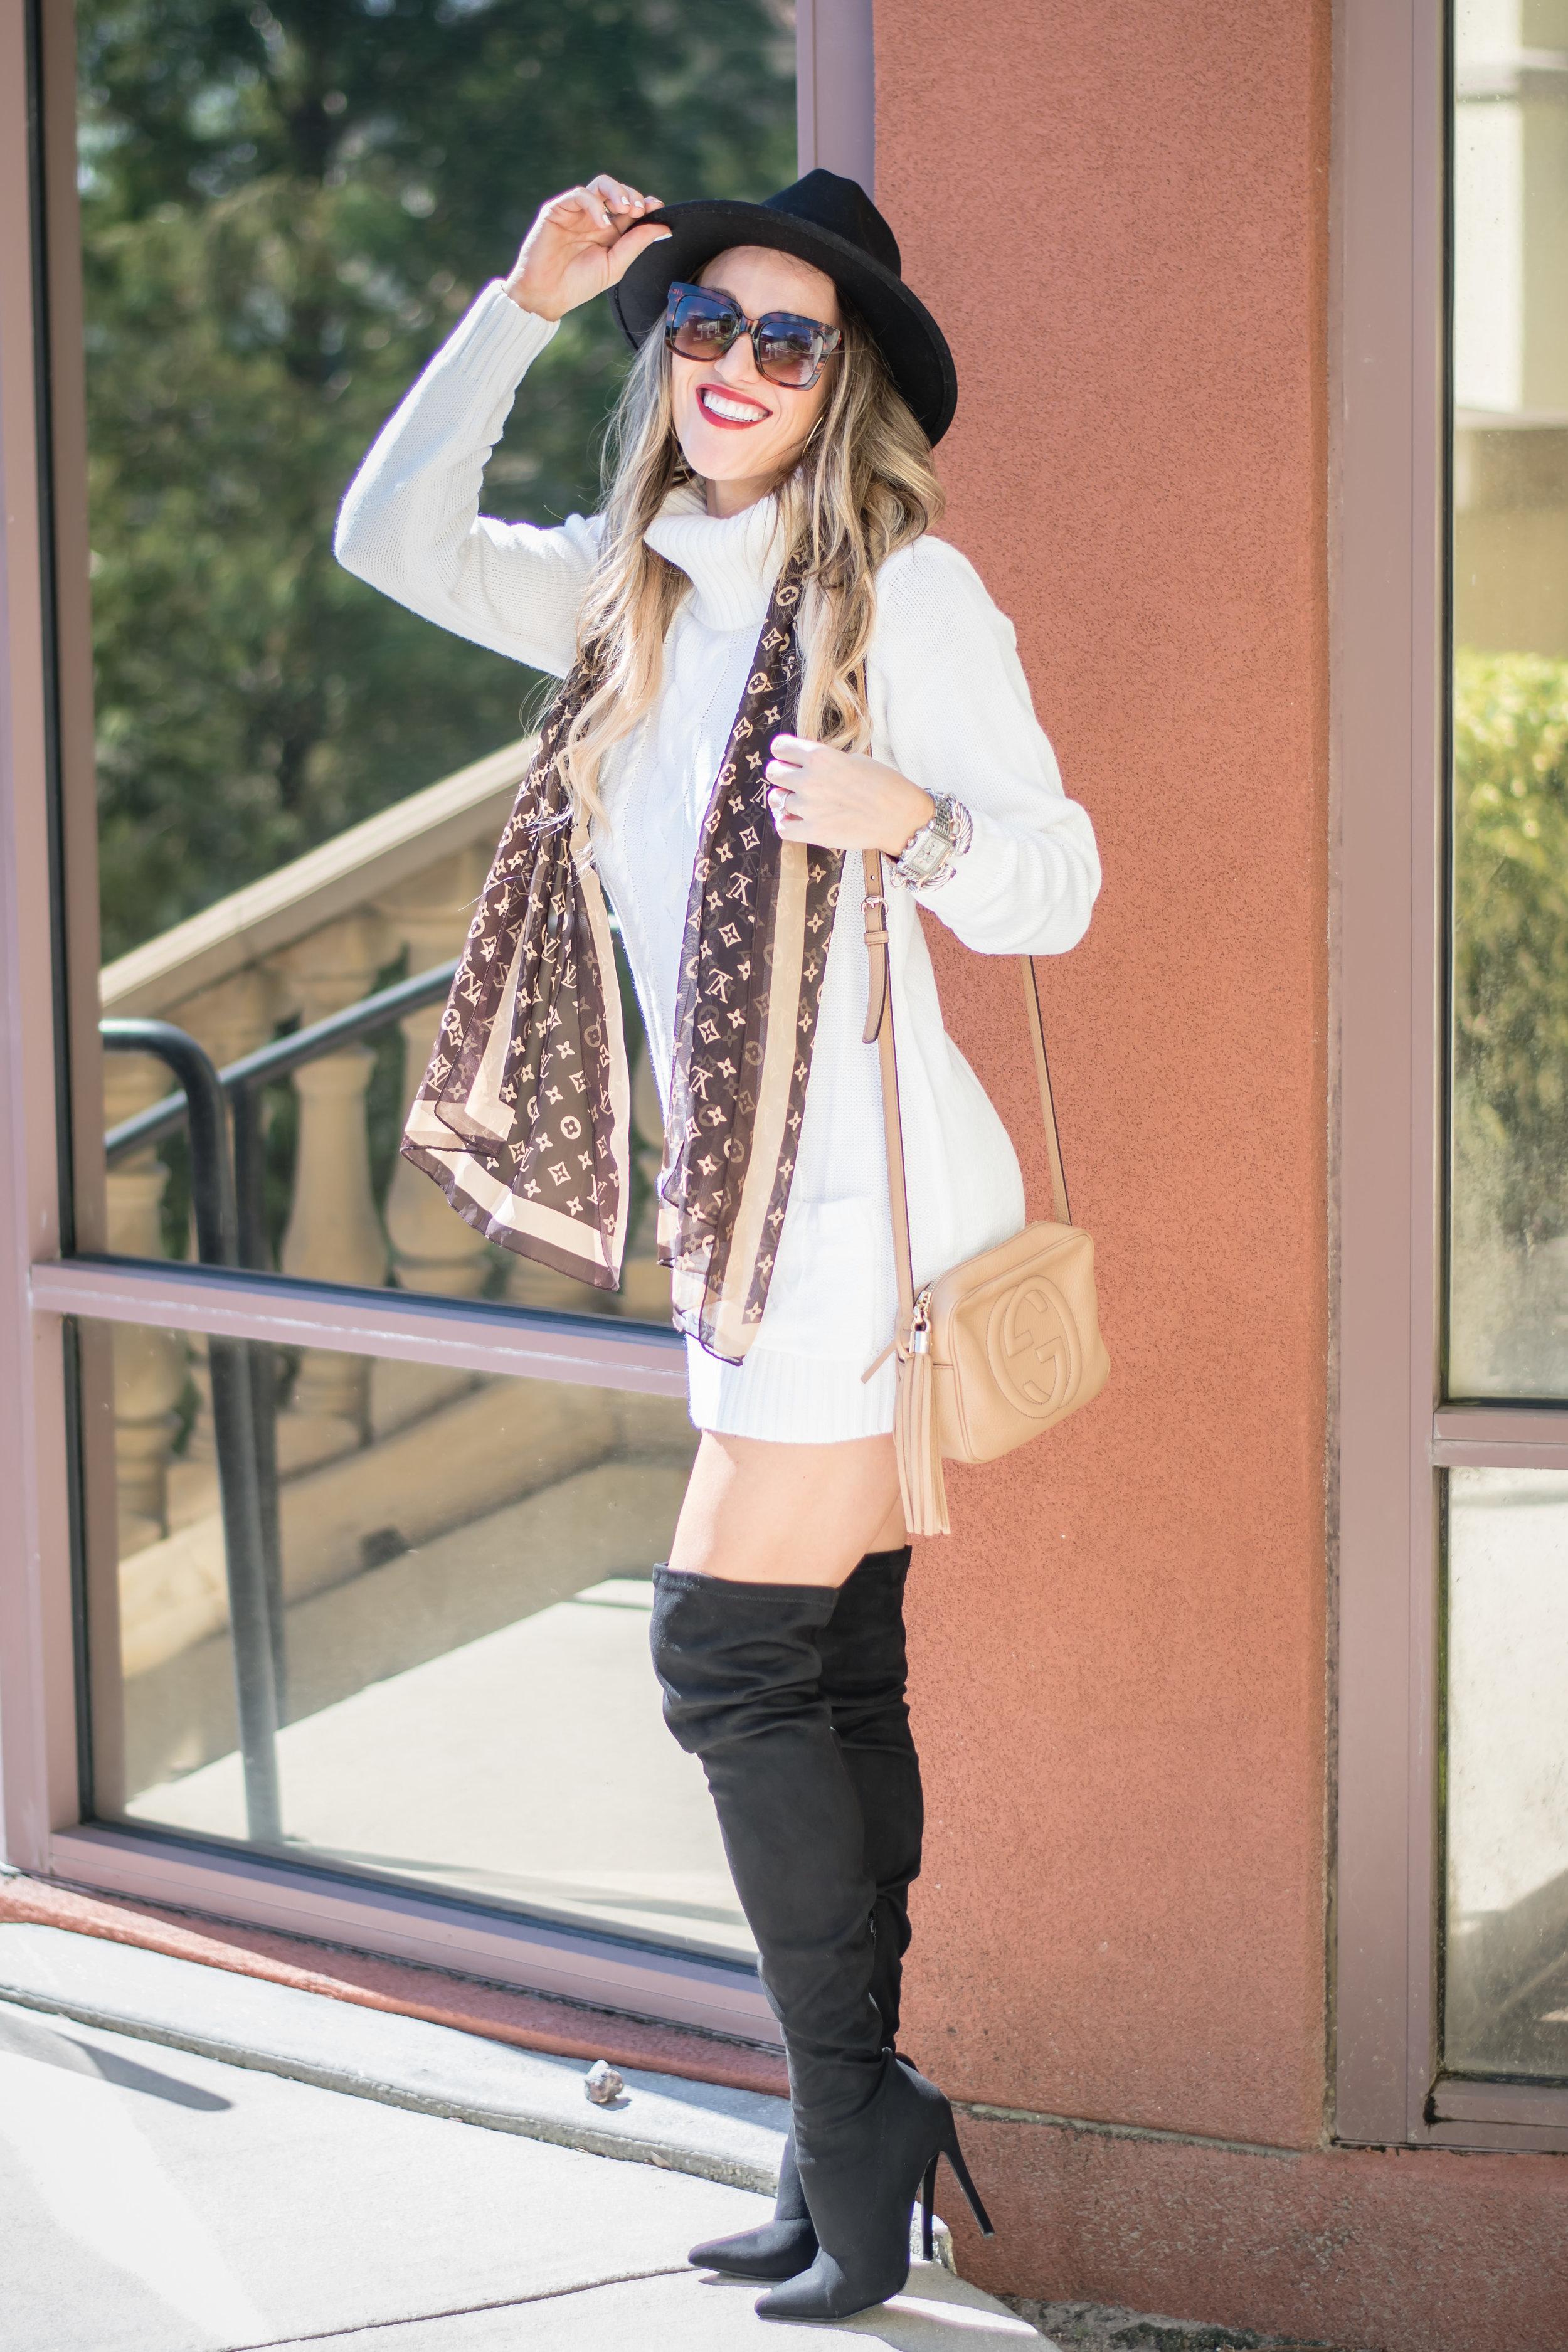 fashion-photoshoot-dellagio-orlando-photographer-yanitza-ninett-23.jpg